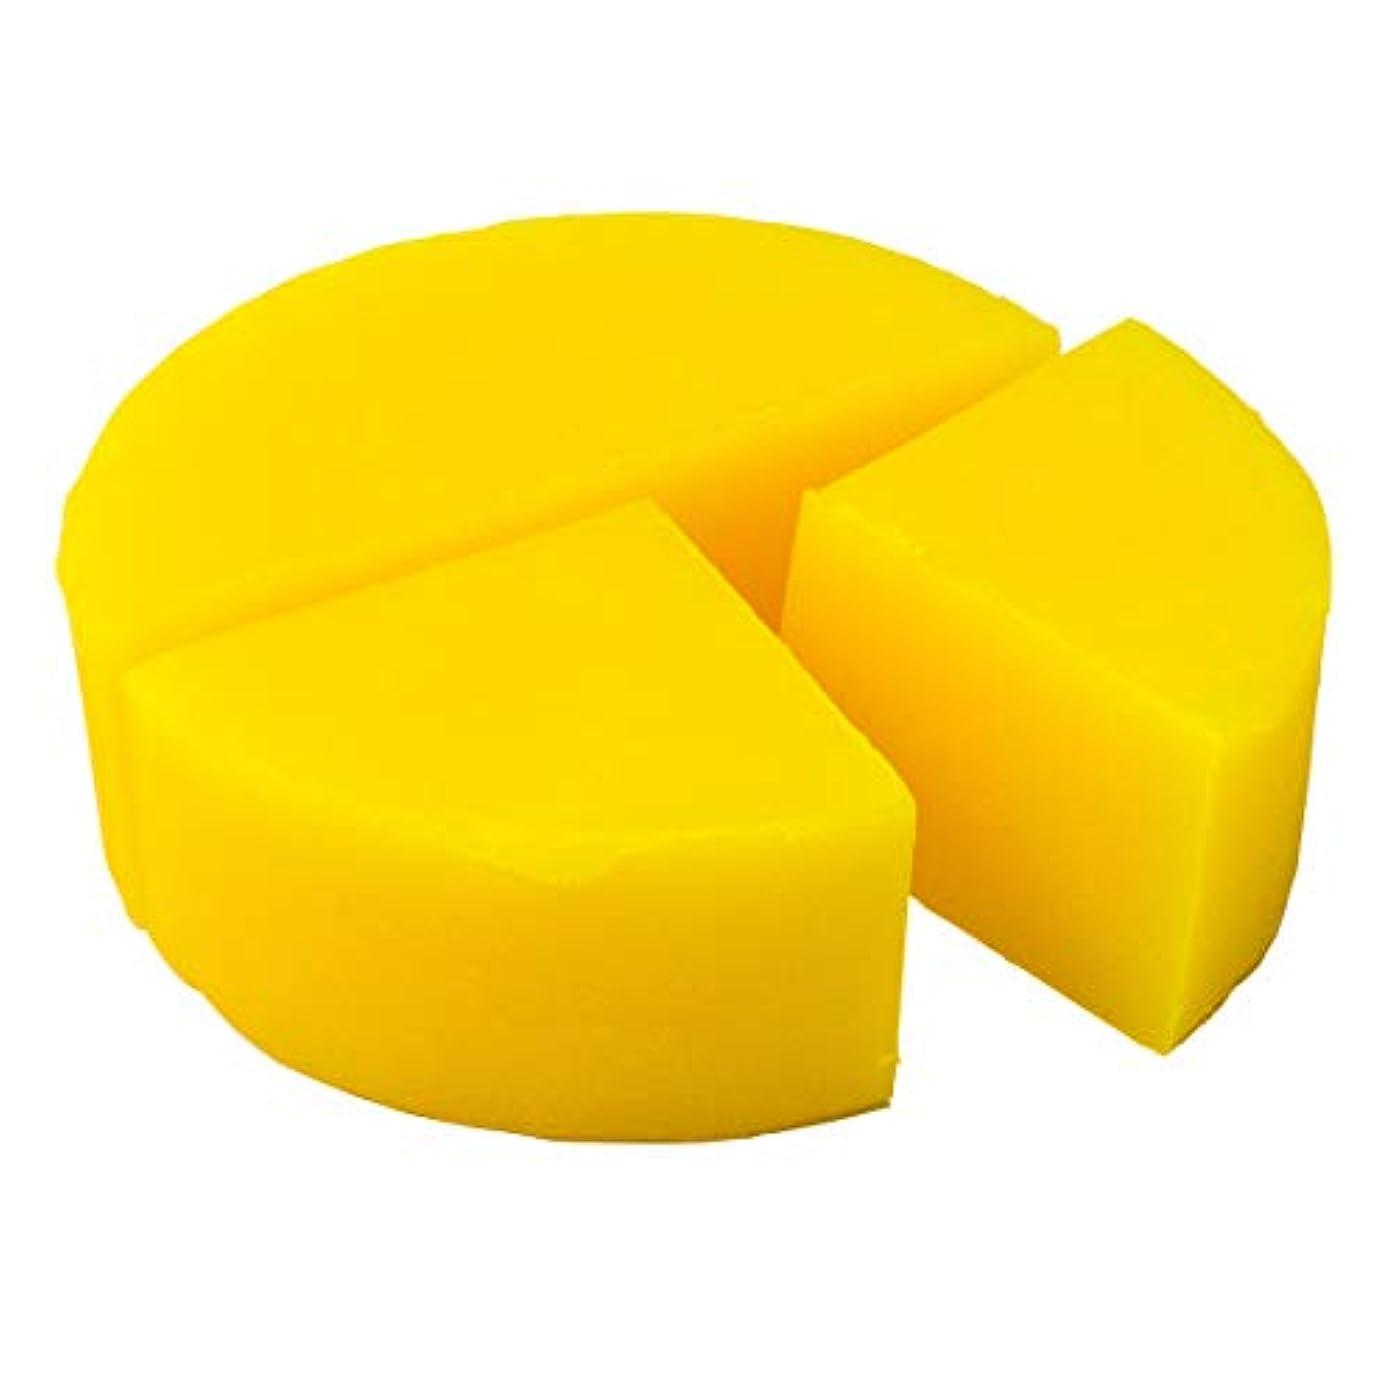 肘順応性不一致グリセリン クリアソープ 色チップ 黄 100g (MPソープ)